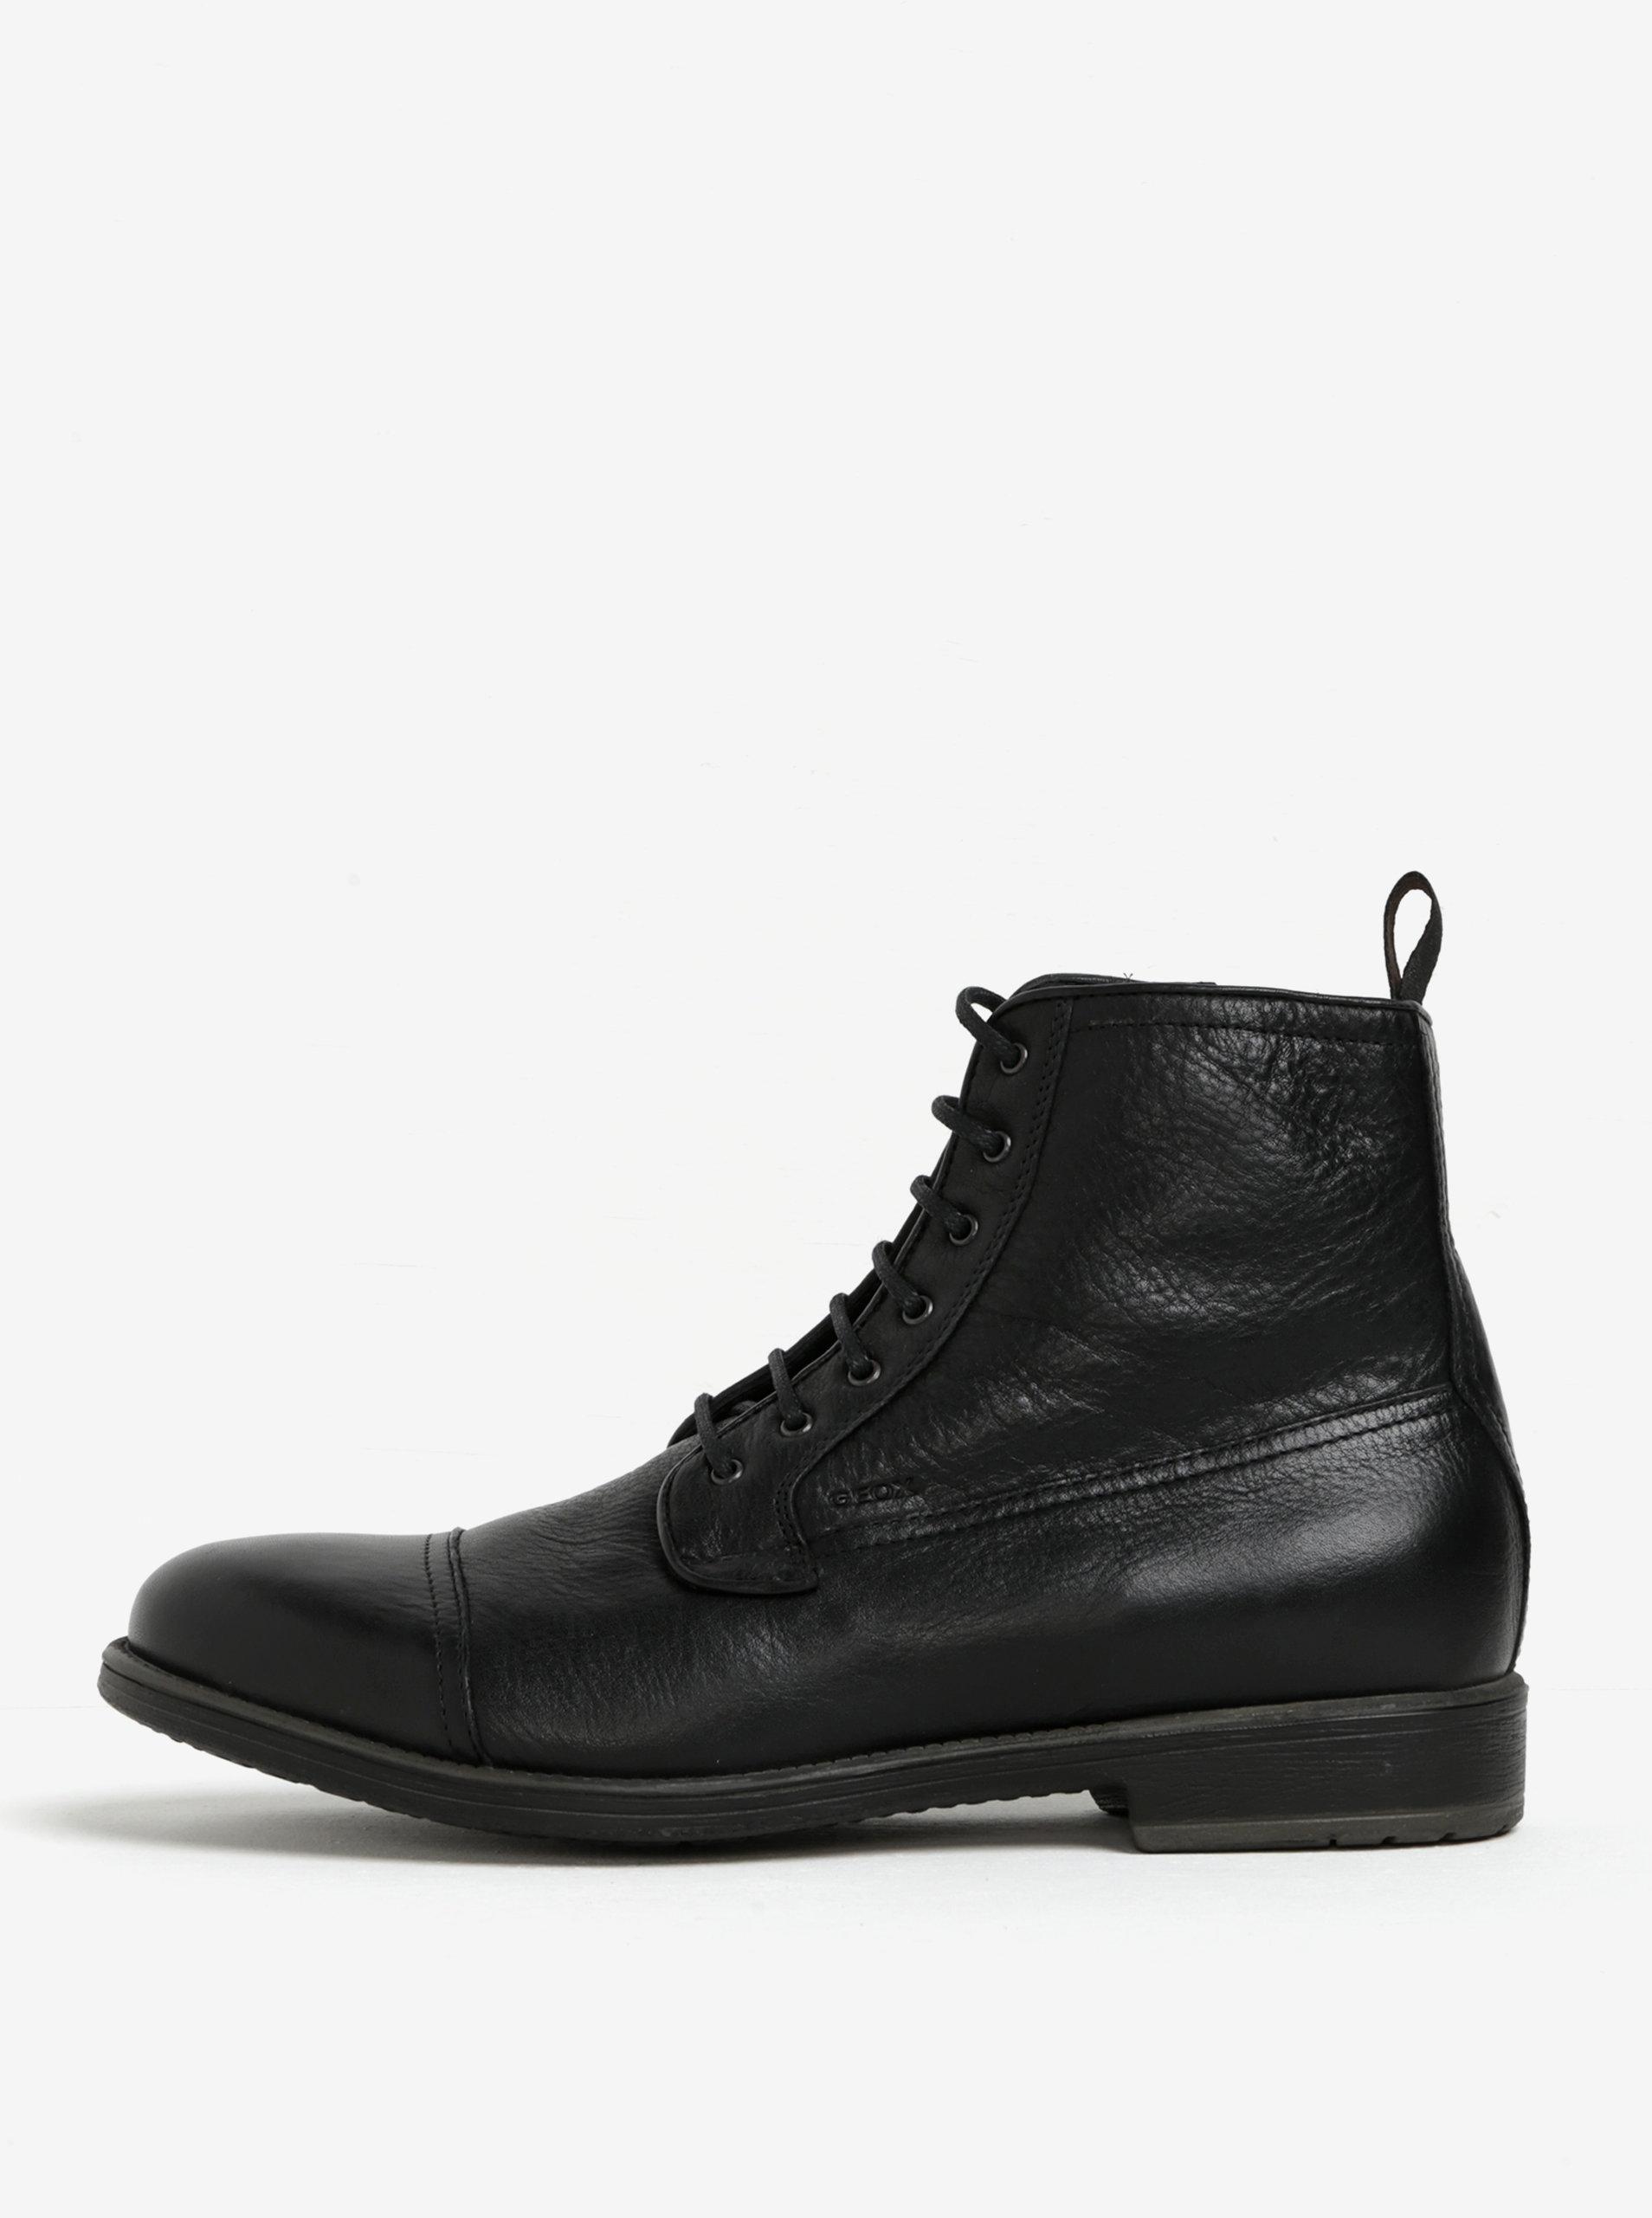 1120ee9628 Čierne pánske zateplené kožené topánky Geox Jaylon ...